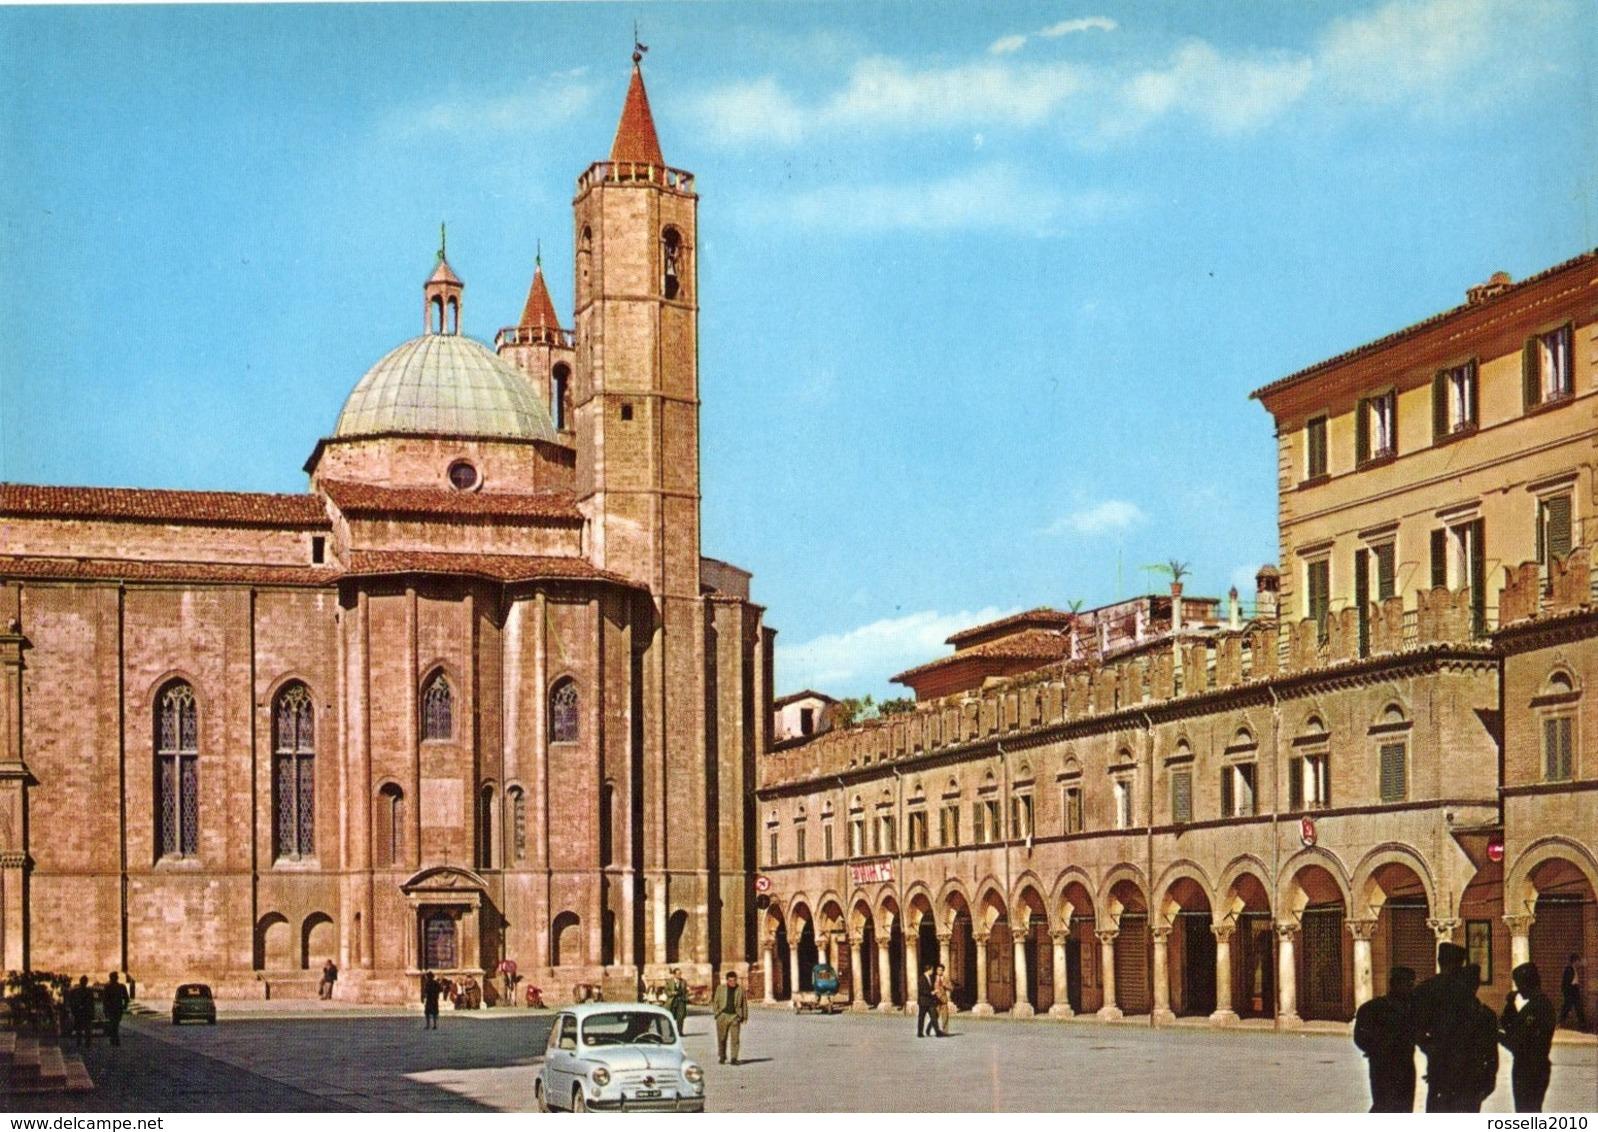 Cartolina ITALIA MARCHE ASCOLI PICENO PIAZZA DEL POPOLO Italy Postcard Italien Ansichtkarten Carte Postale - Ascoli Piceno